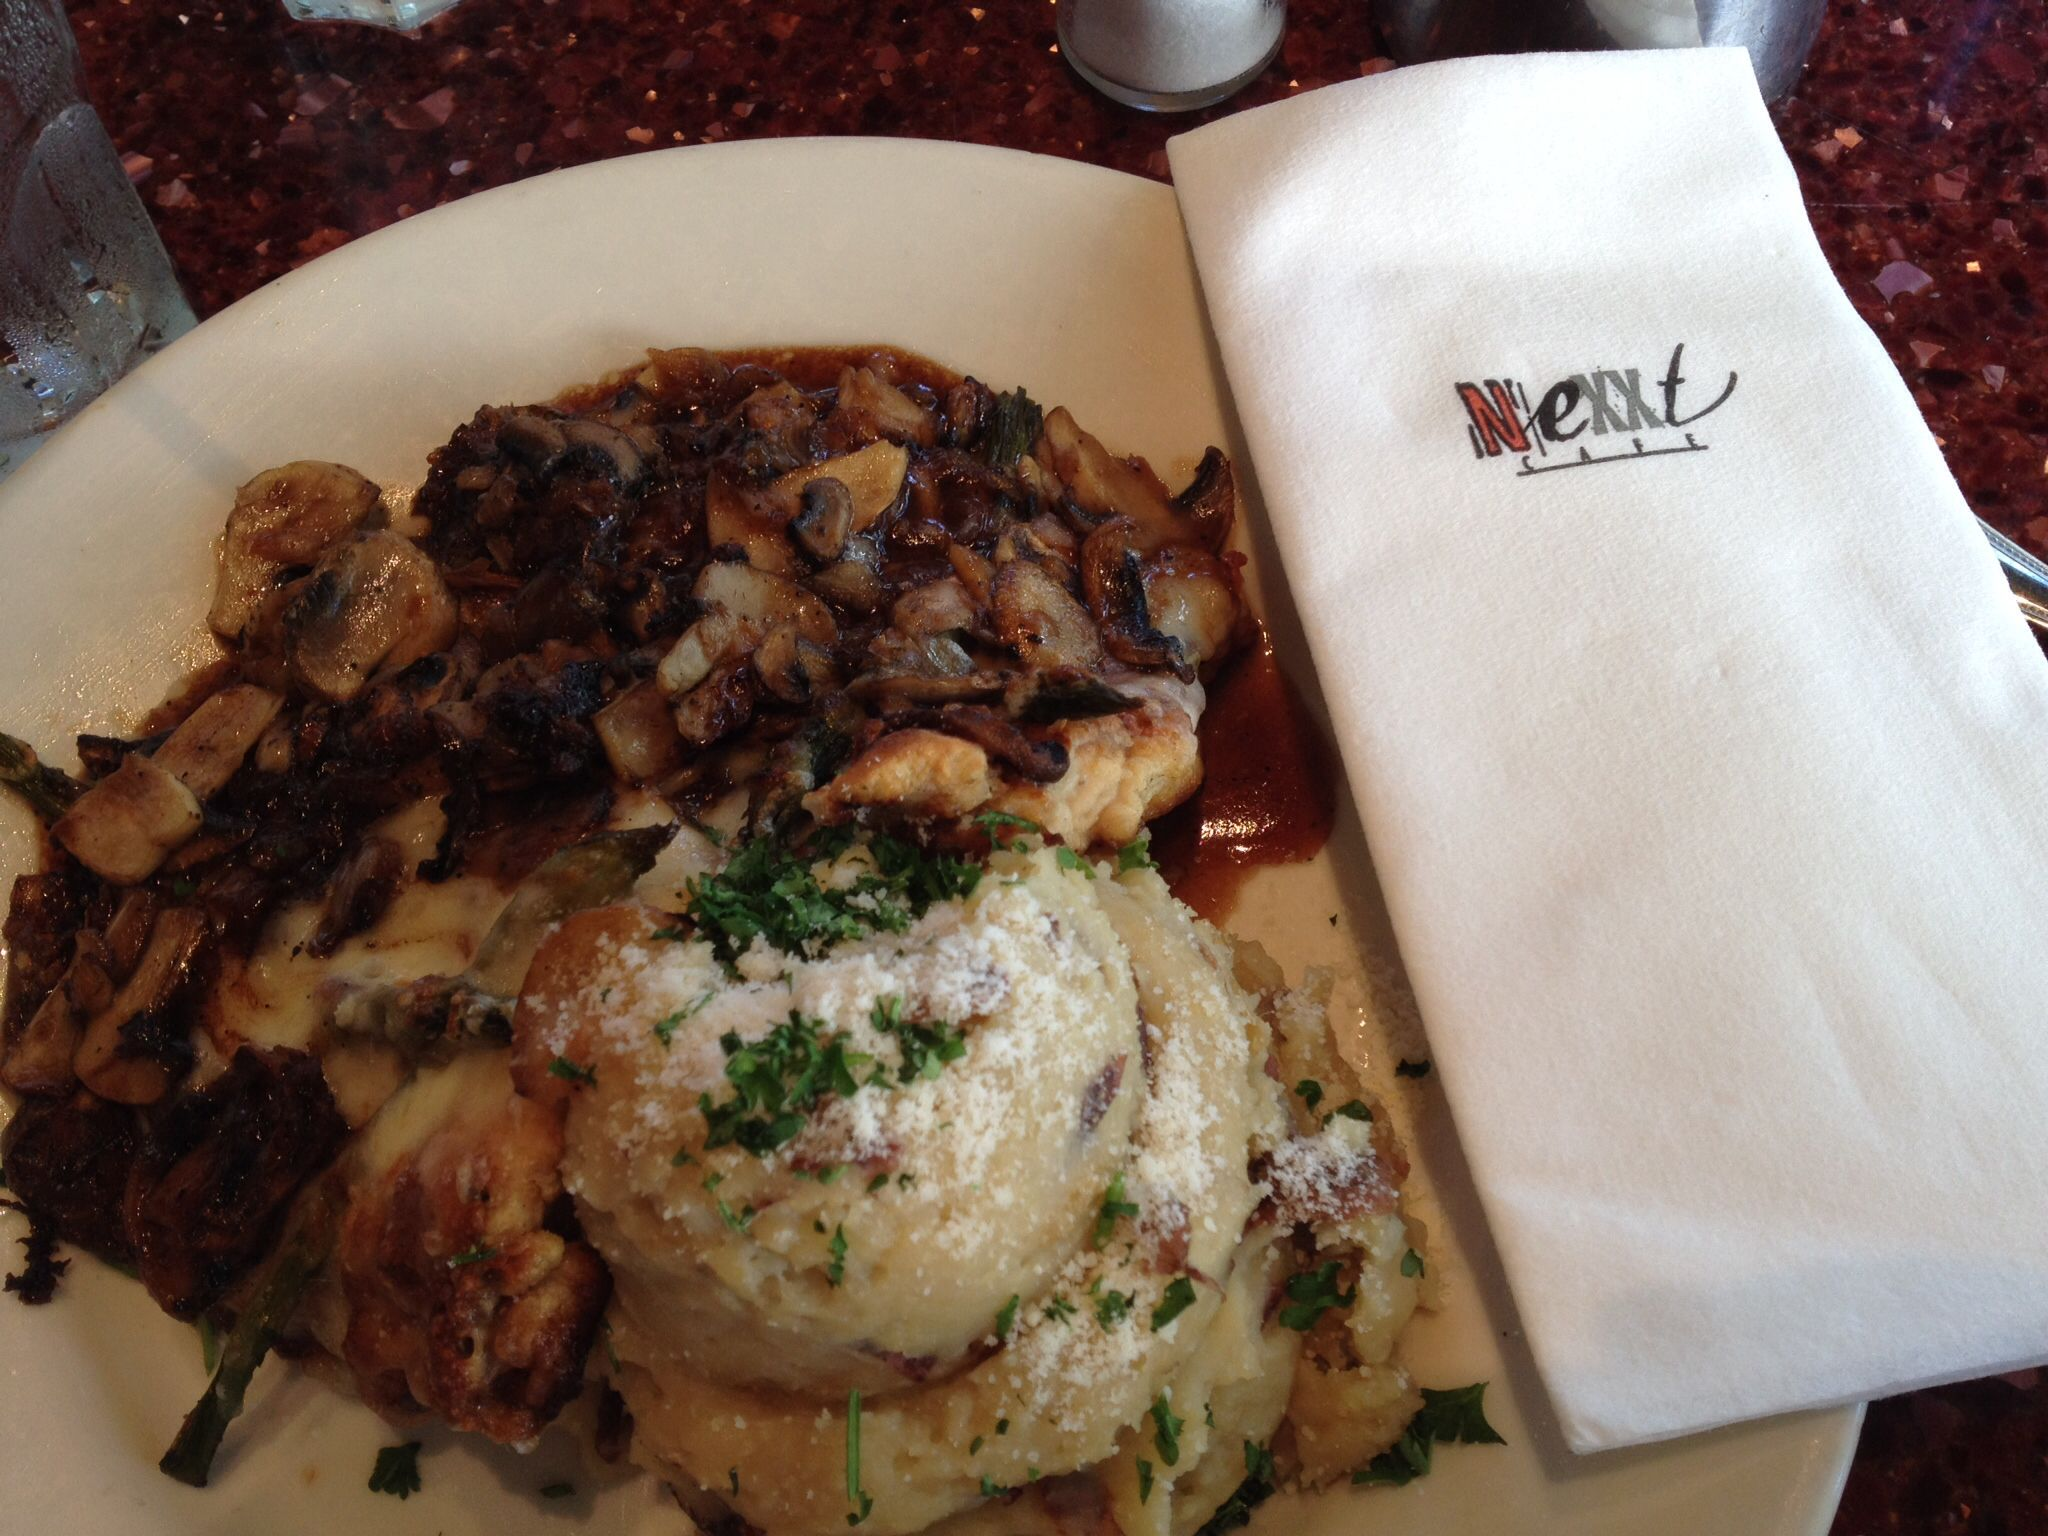 Hour-concour: The Nexxt Café - Aqui TUDO é excelente e bem-servido!